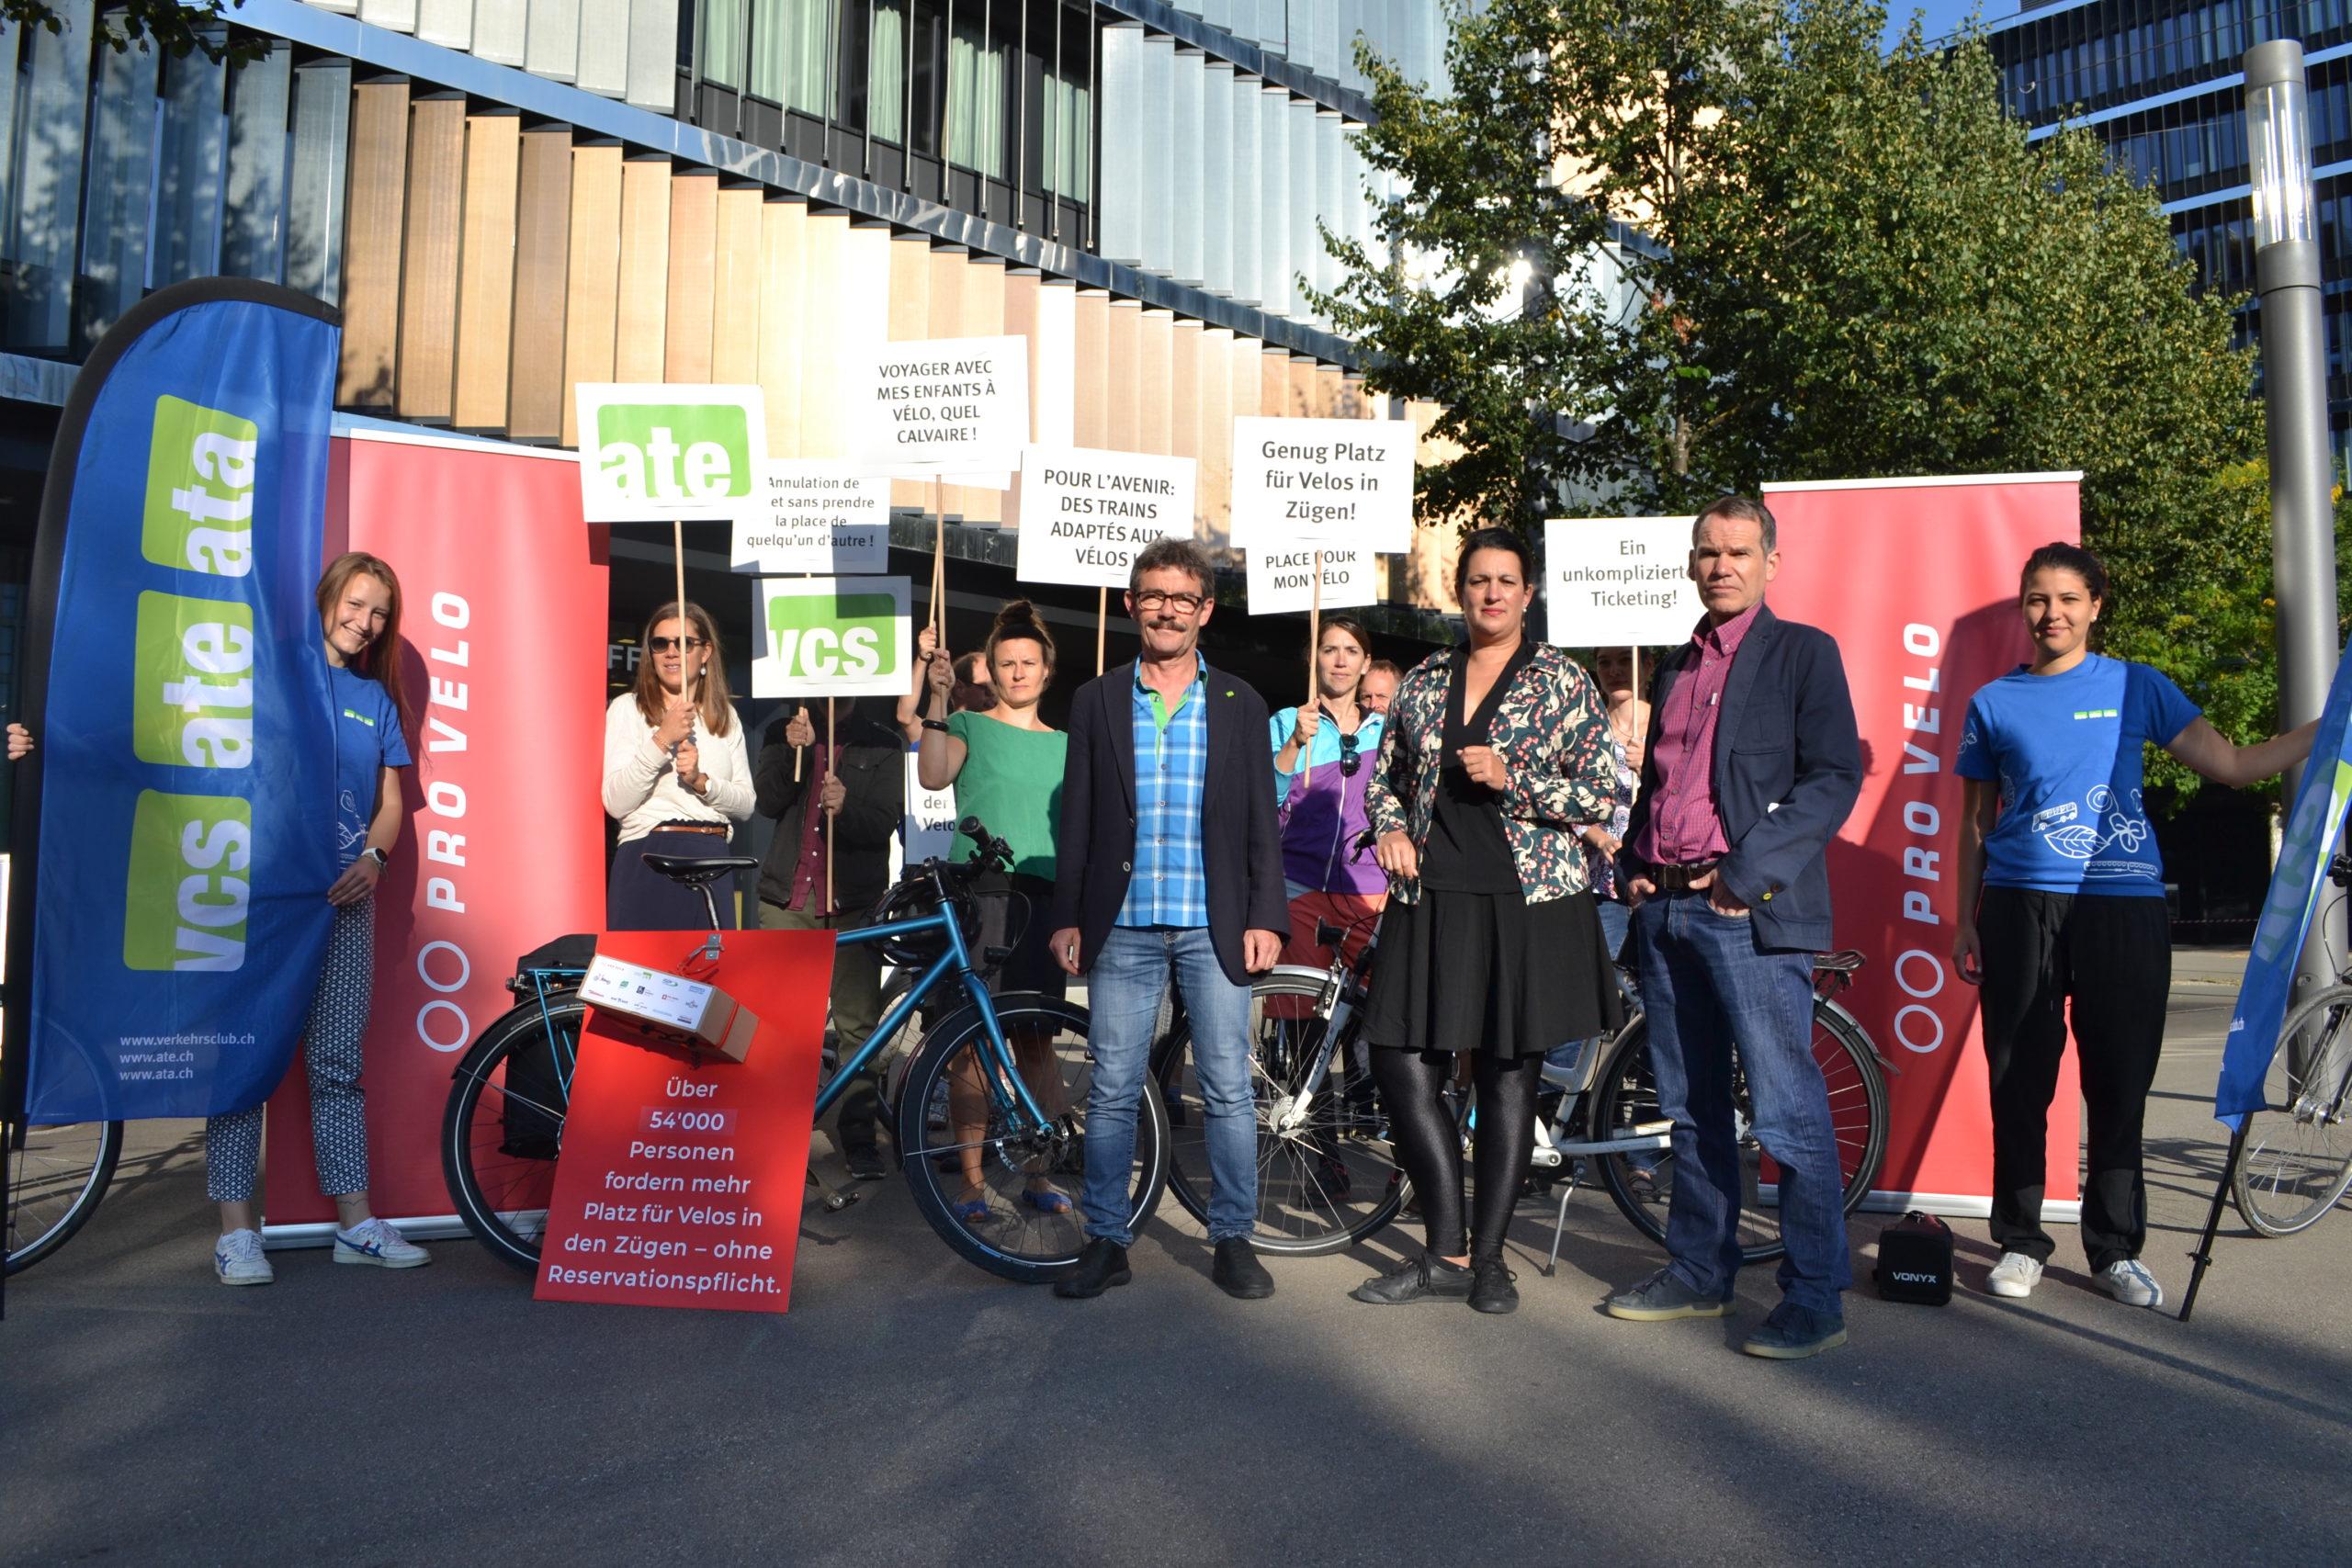 Vélos: pétition contre l'obligation de réserver dans les trains